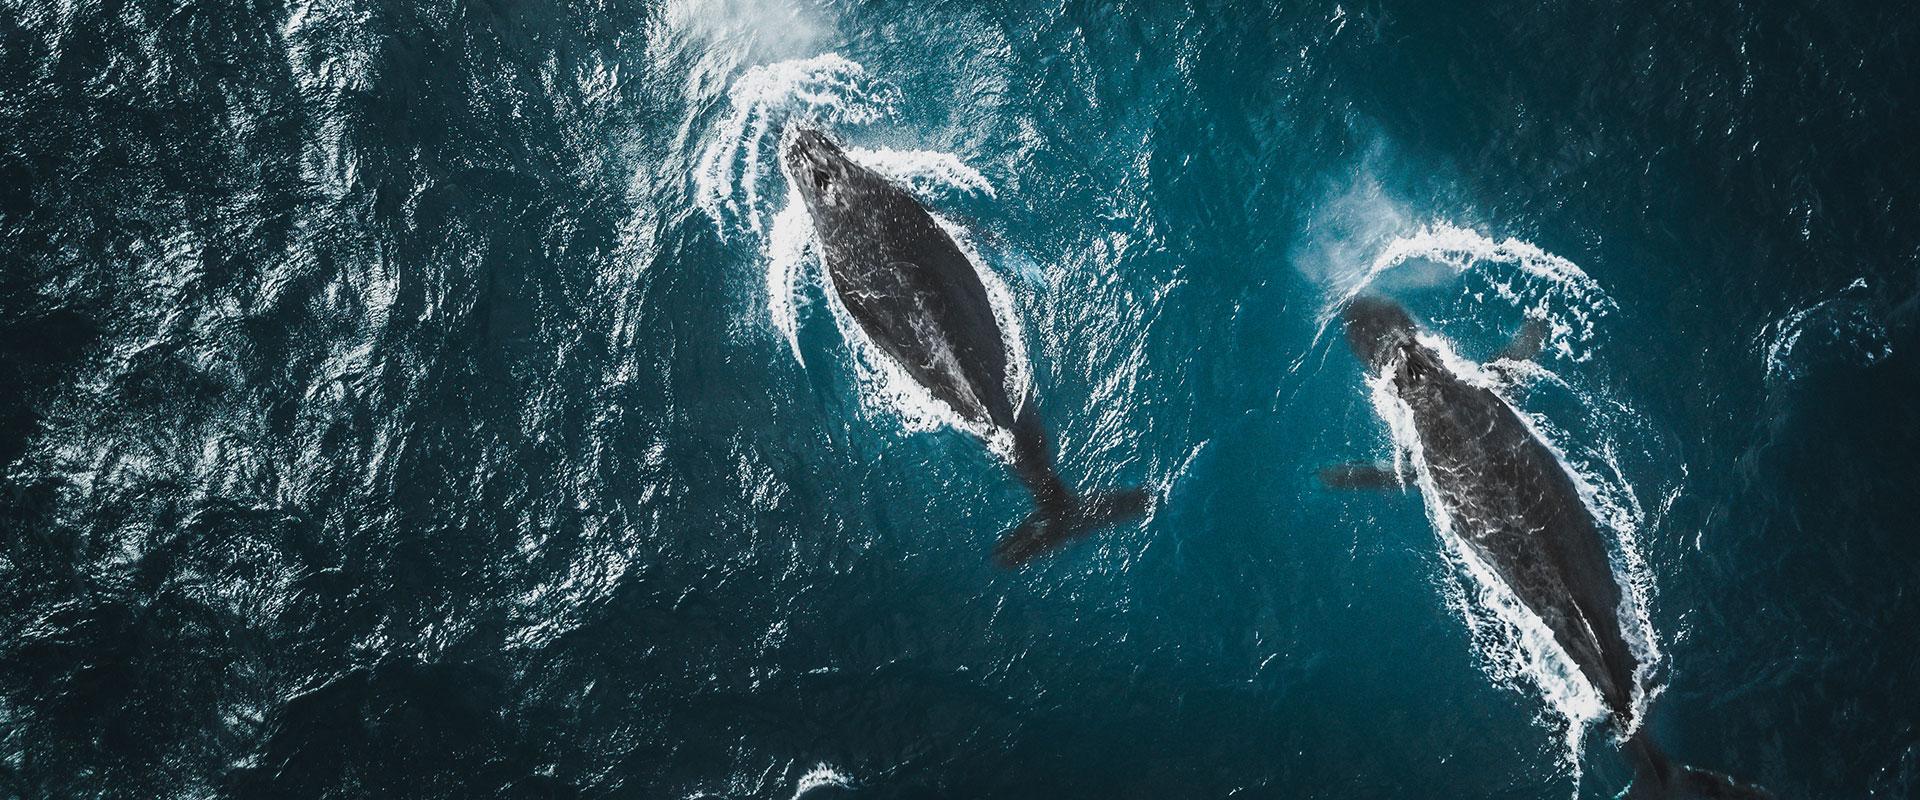 blog body love the oceans